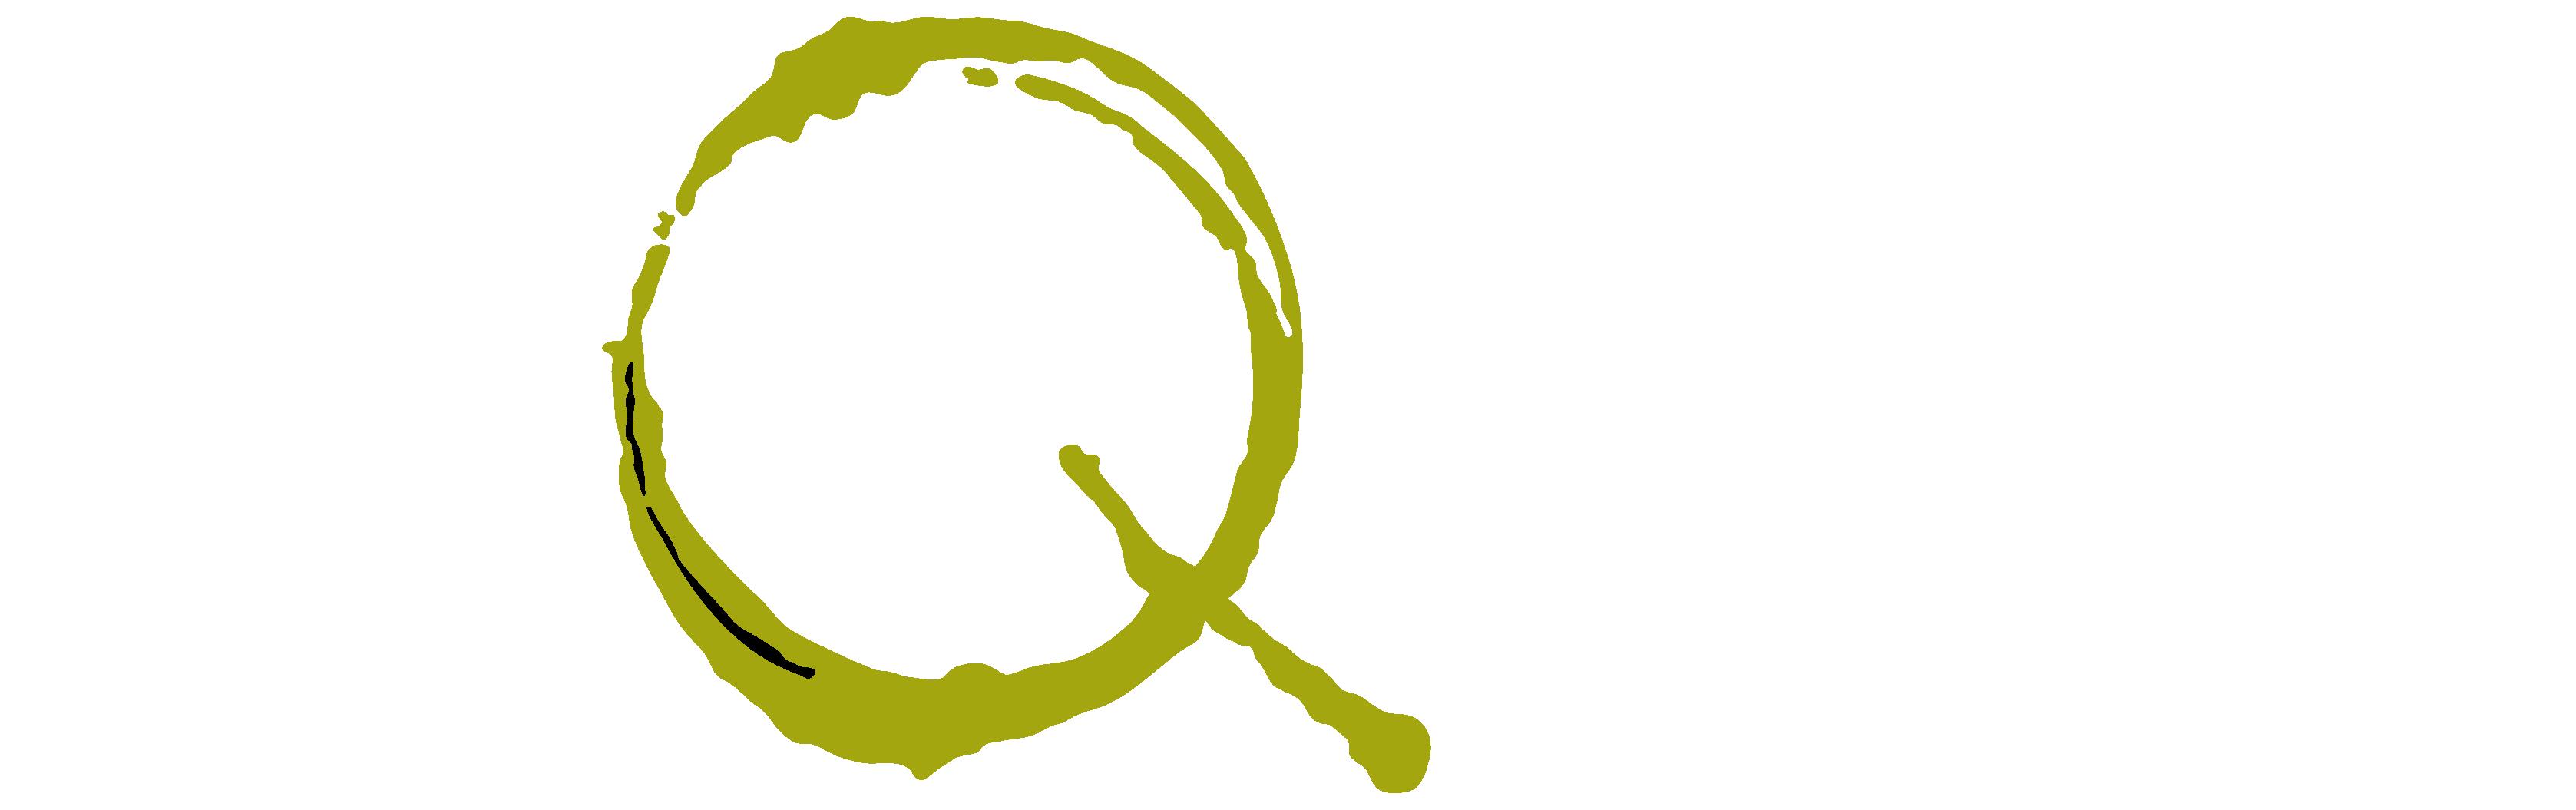 Sque logo